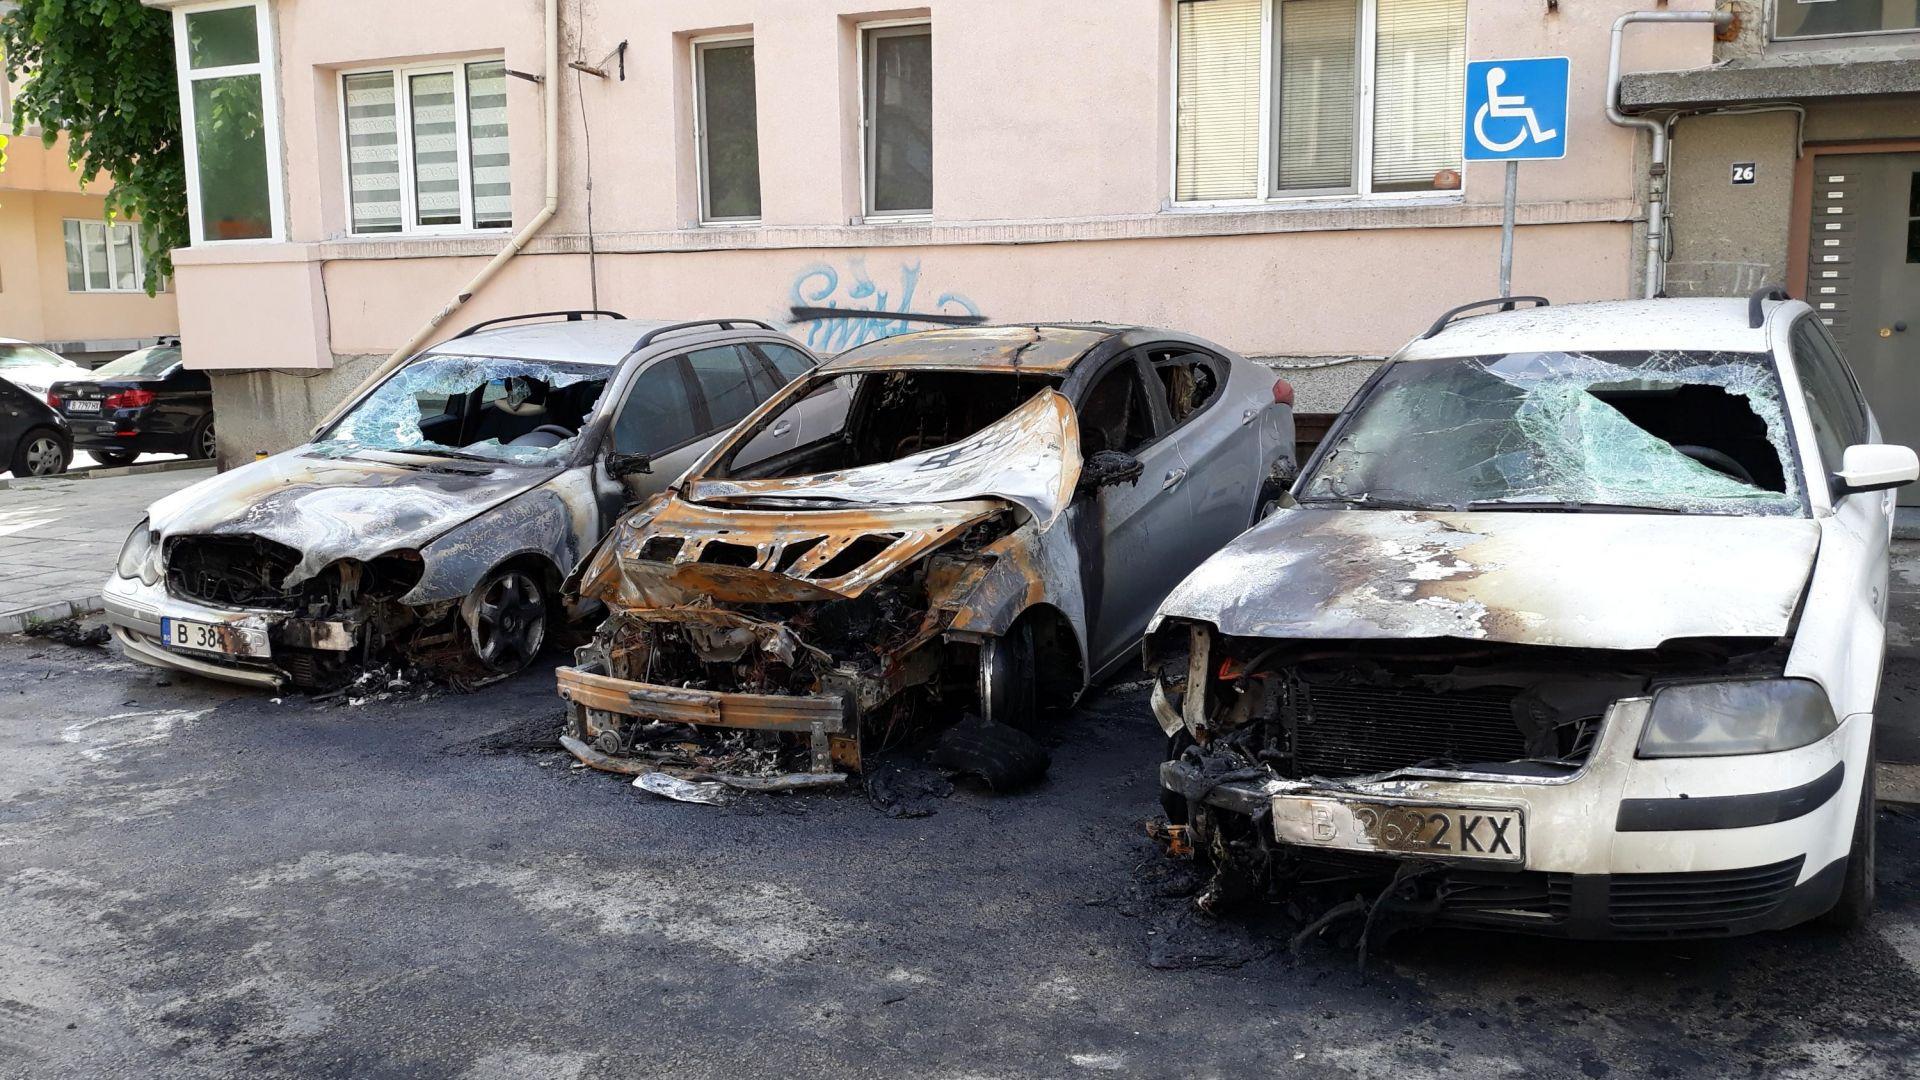 Палеж на кола във Варна, след взрив на газовата бутилка изгоряха още два